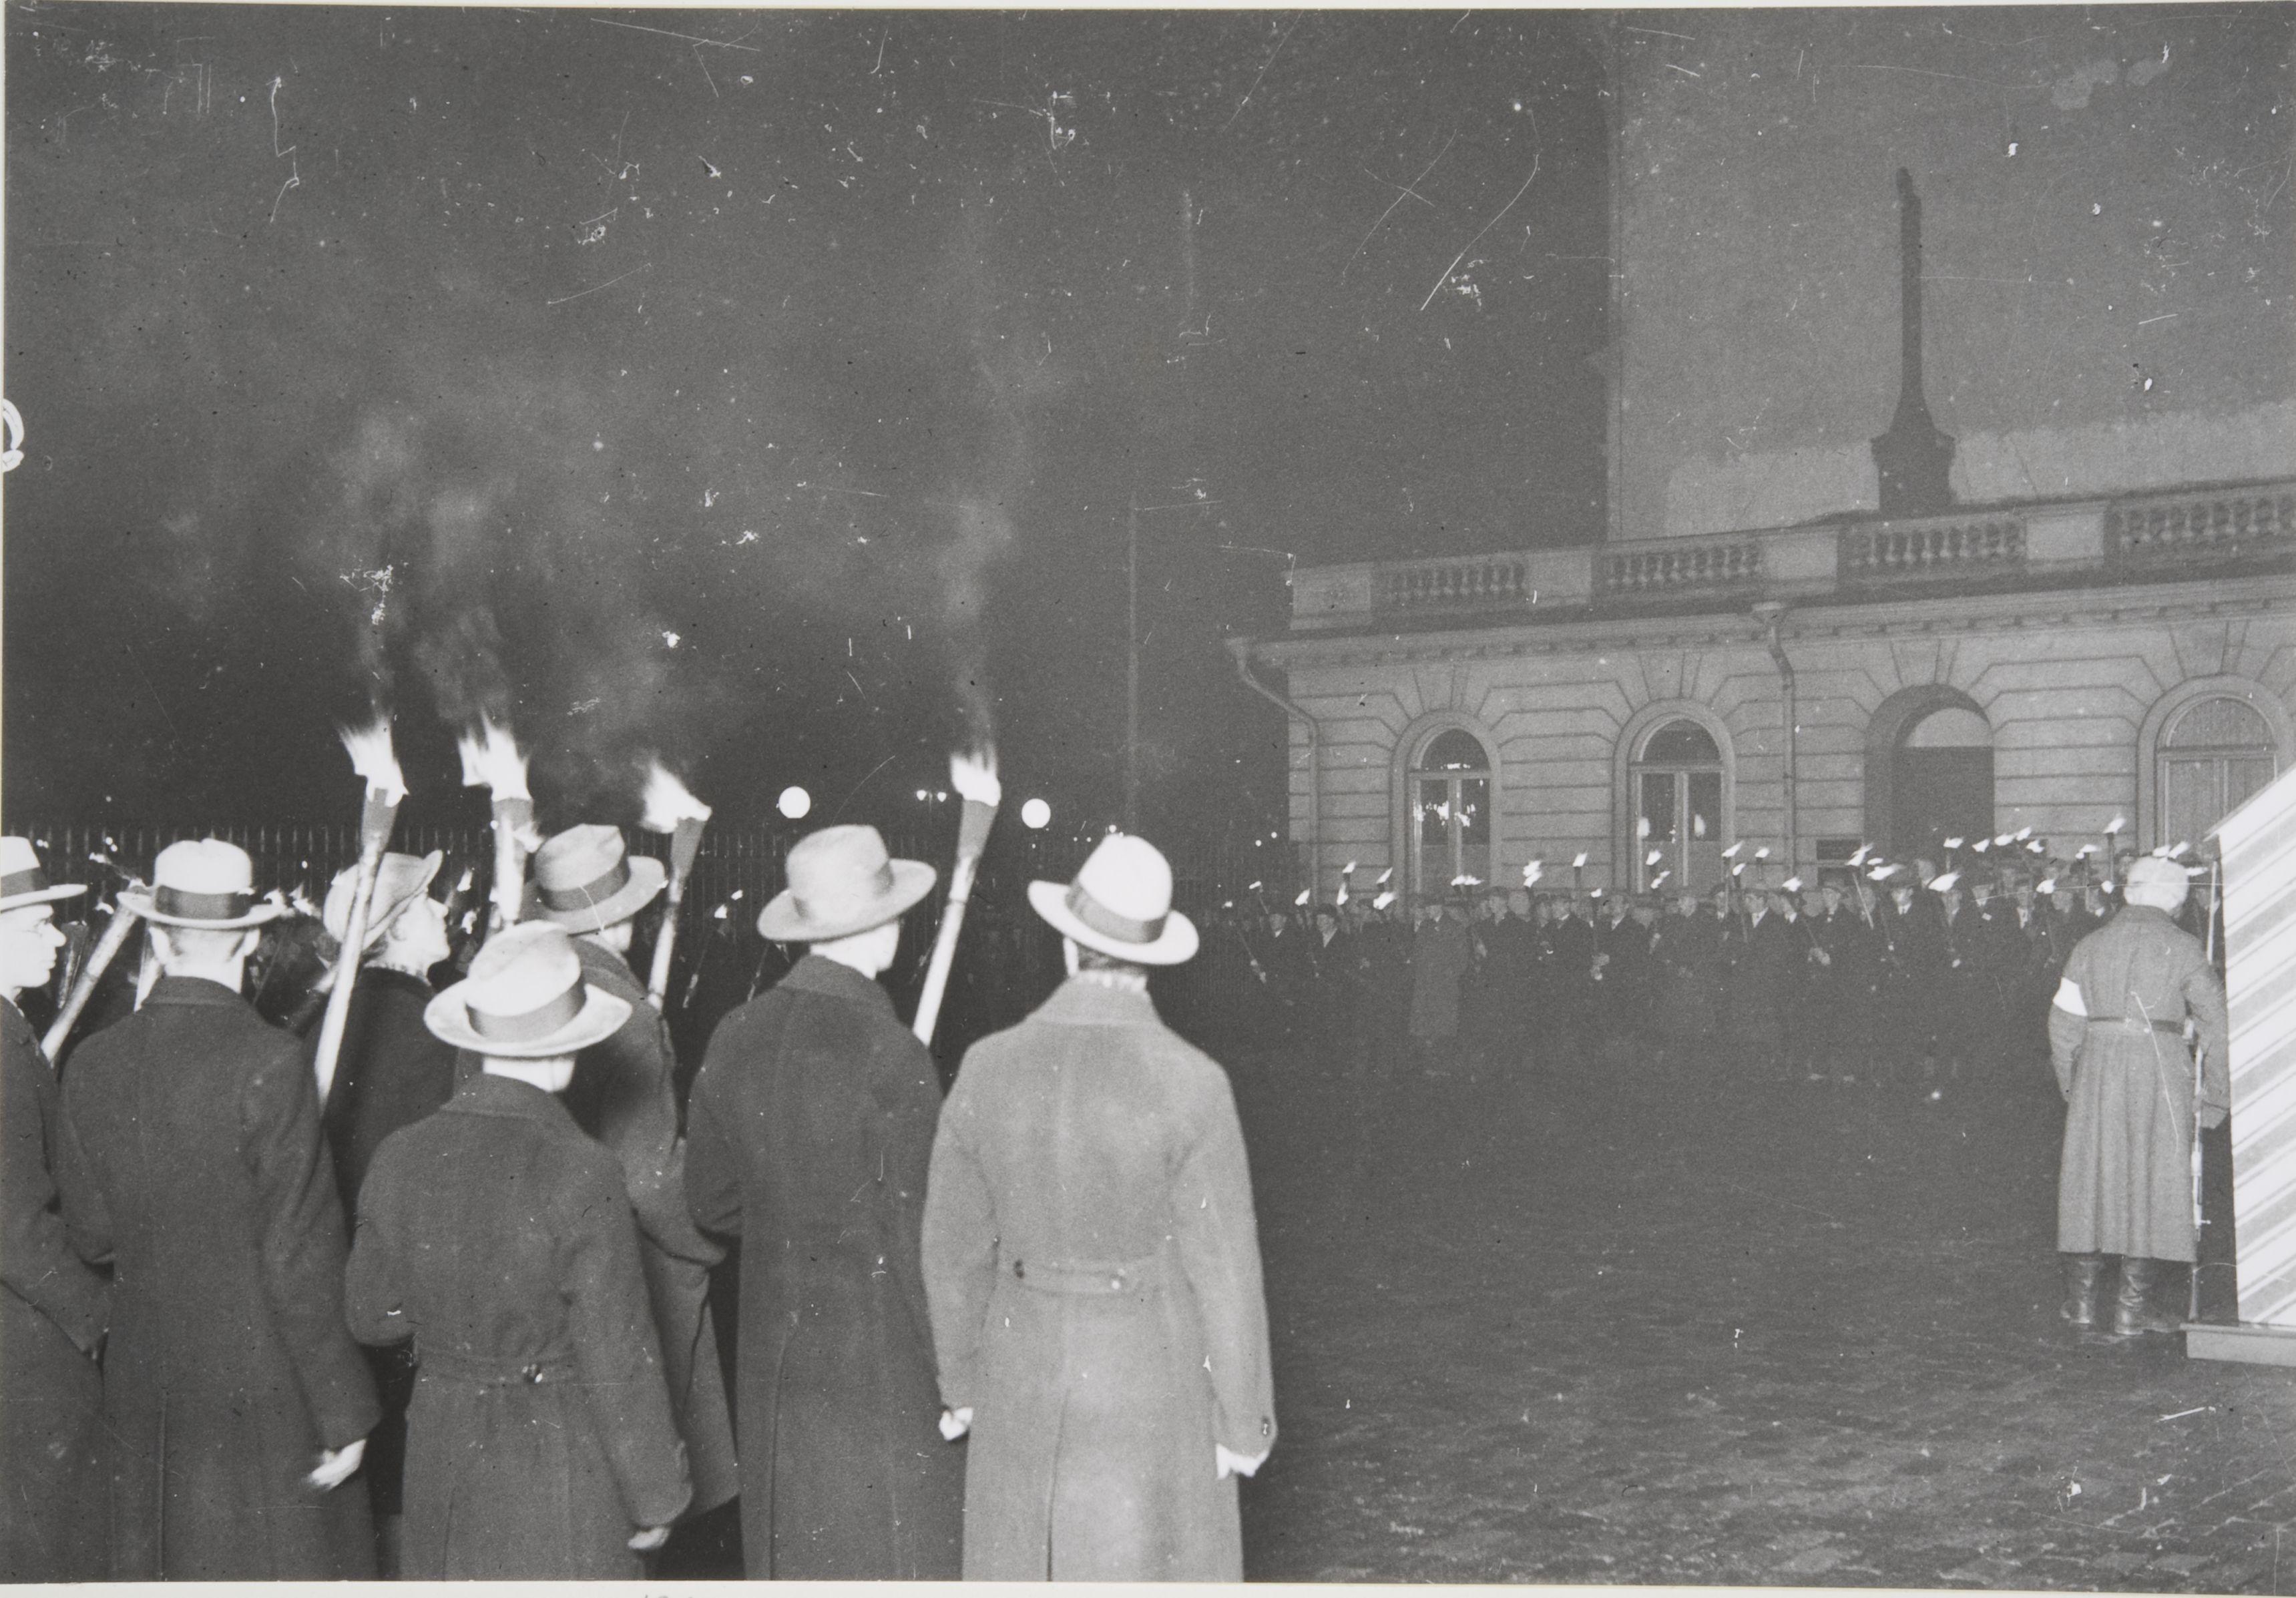 Akateemisen Karjala-Seuran soihtukulkue presidentinlinnan sisäpihalla 6.12.1932. (Pietinen / Museovirasto)